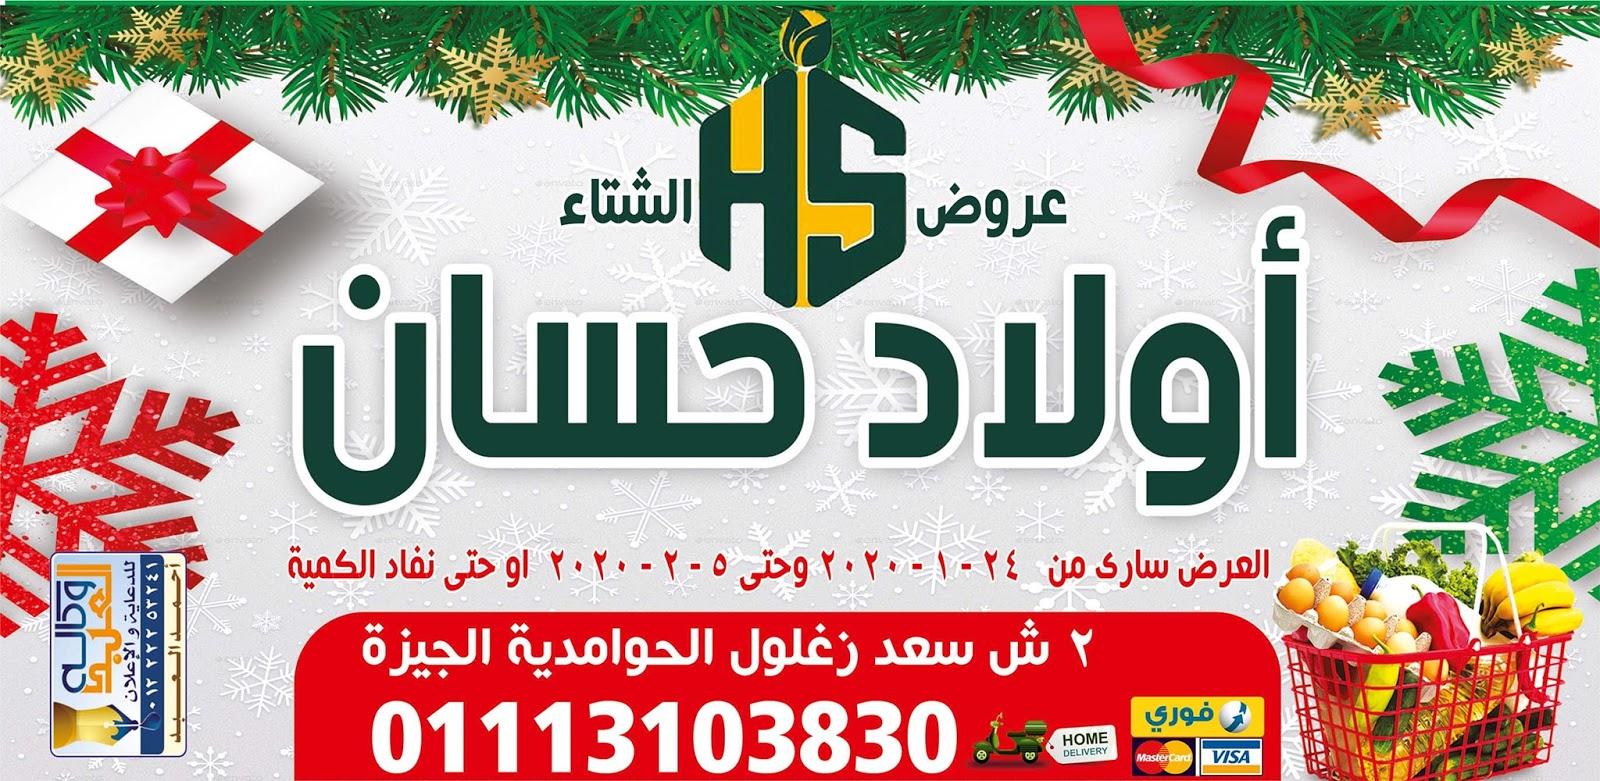 عروض اولاد حسان الحوامدية جيزة من 24 يناير حتى 5 فبراير 2020 عروض الشتاء